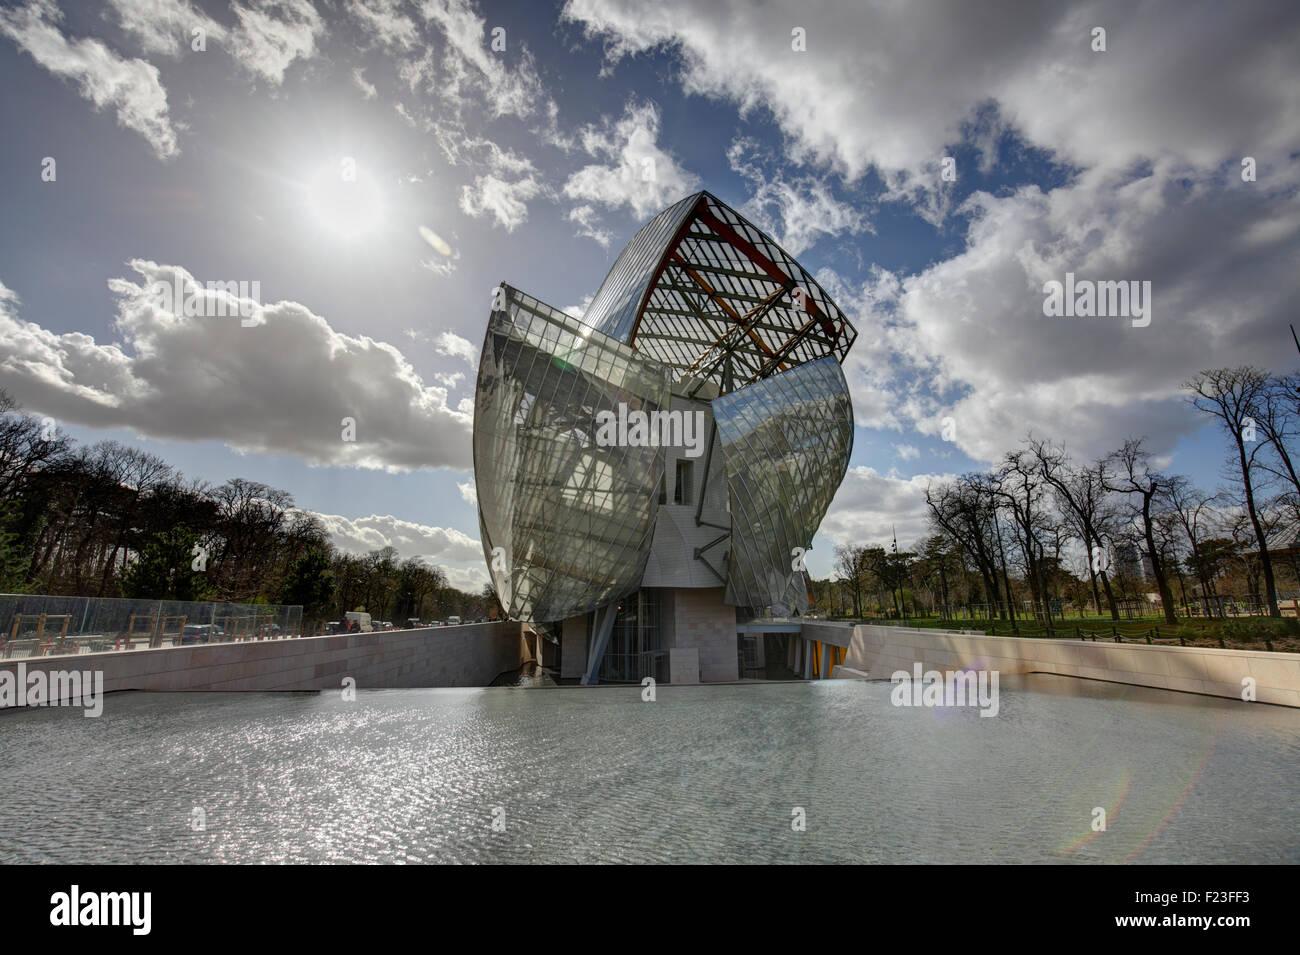 Die moderne Architektur des Louis Vuitton Foundation von Frank Gehry, Paris, Frankreich Stockbild